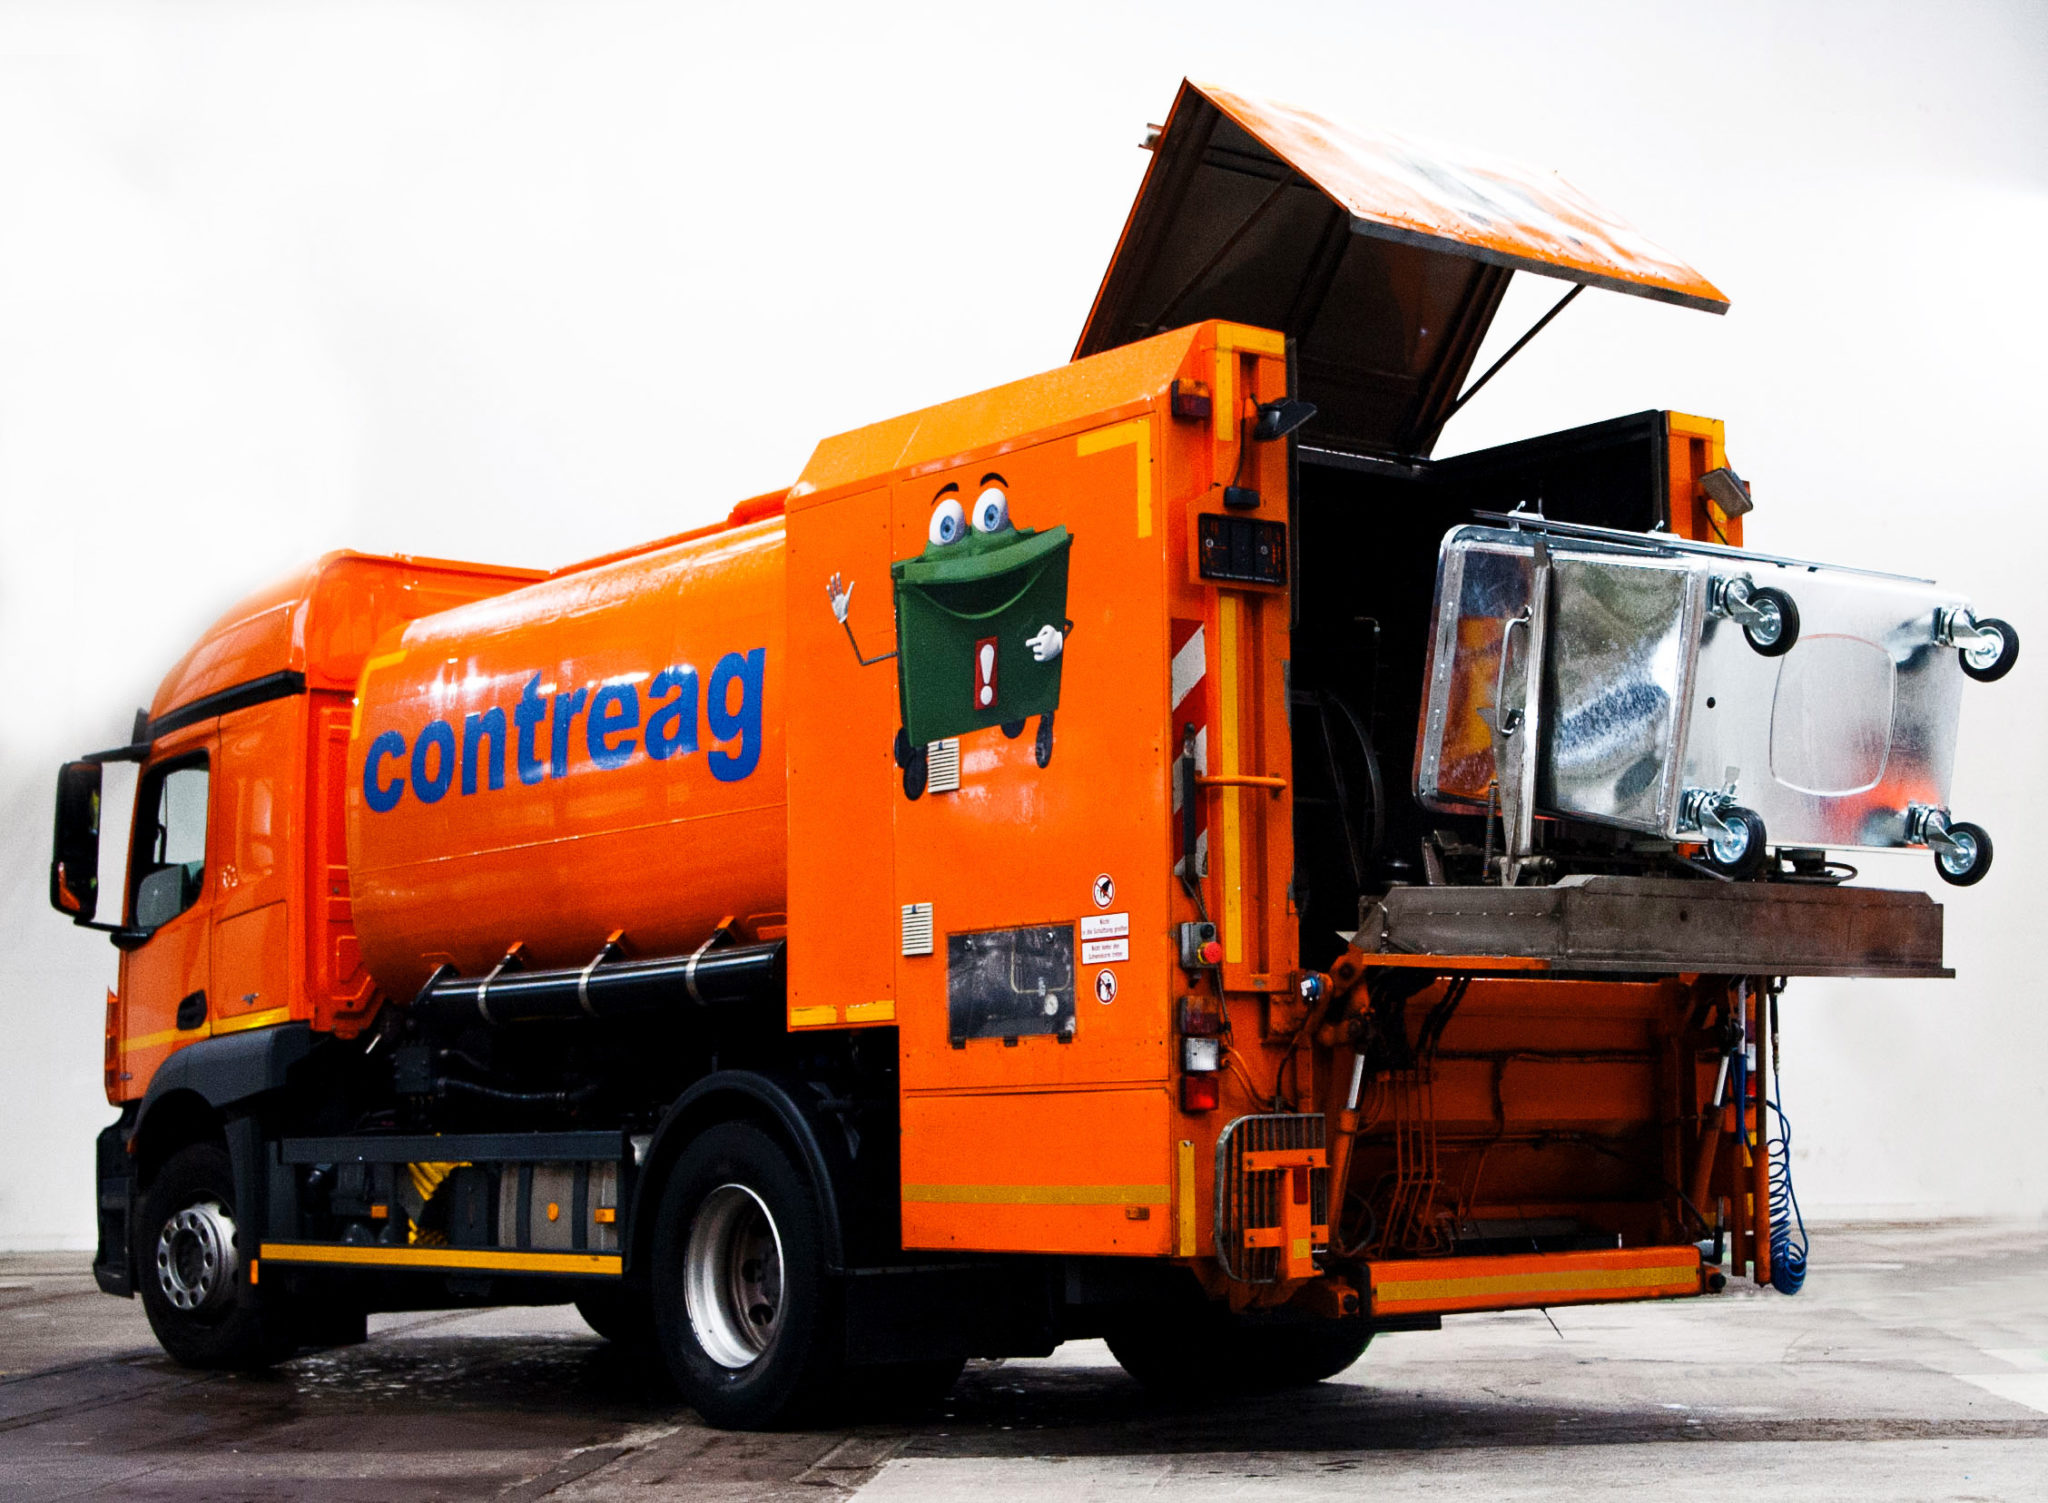 Contreag Container-Reinigung Reinigungsfahrzeug Mercedes 18t